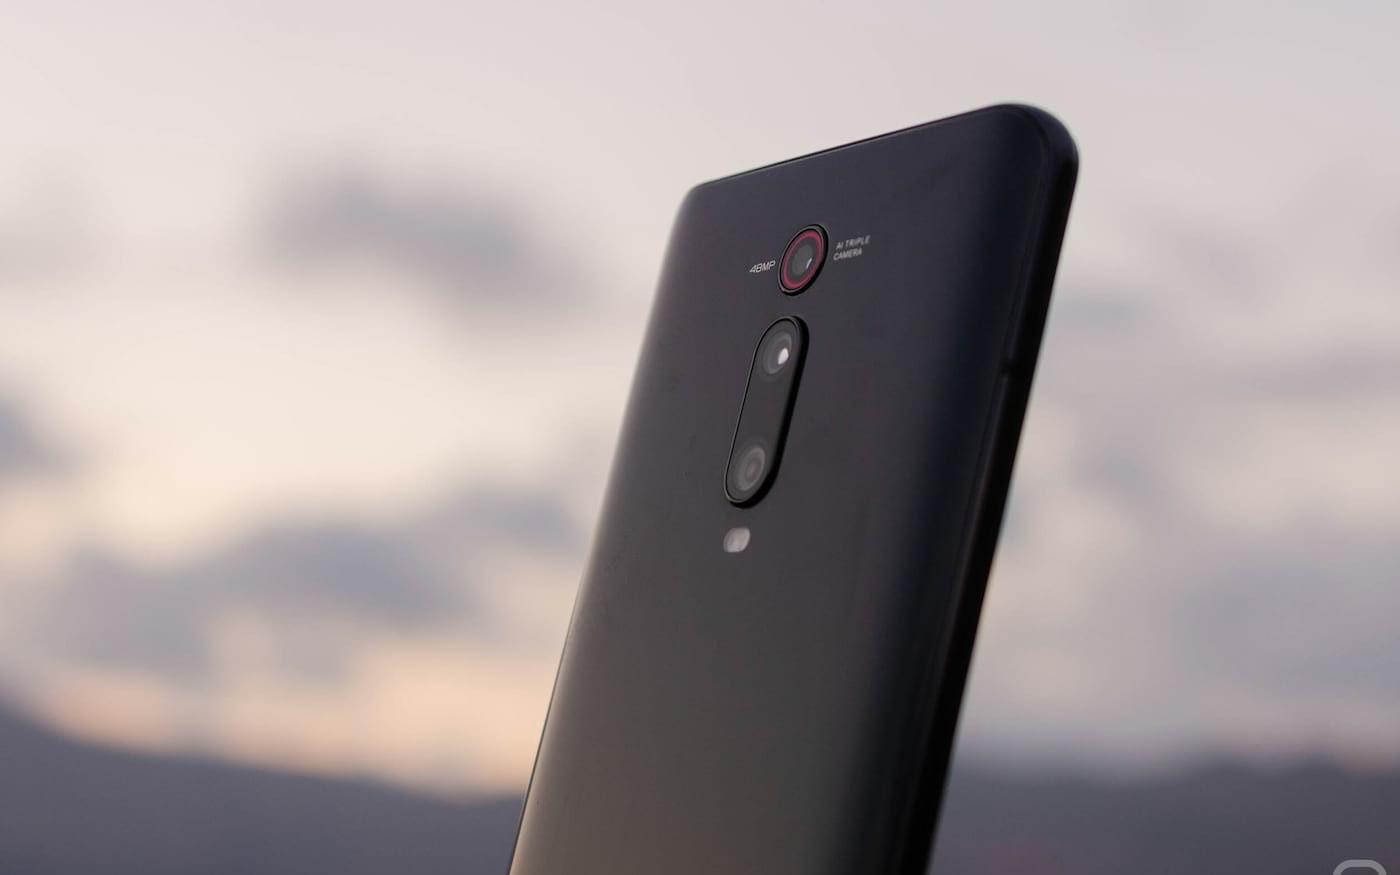 Mi 9T Pro se iguala a iPhone X e Mi 8 em teste de câmera do DxOMark